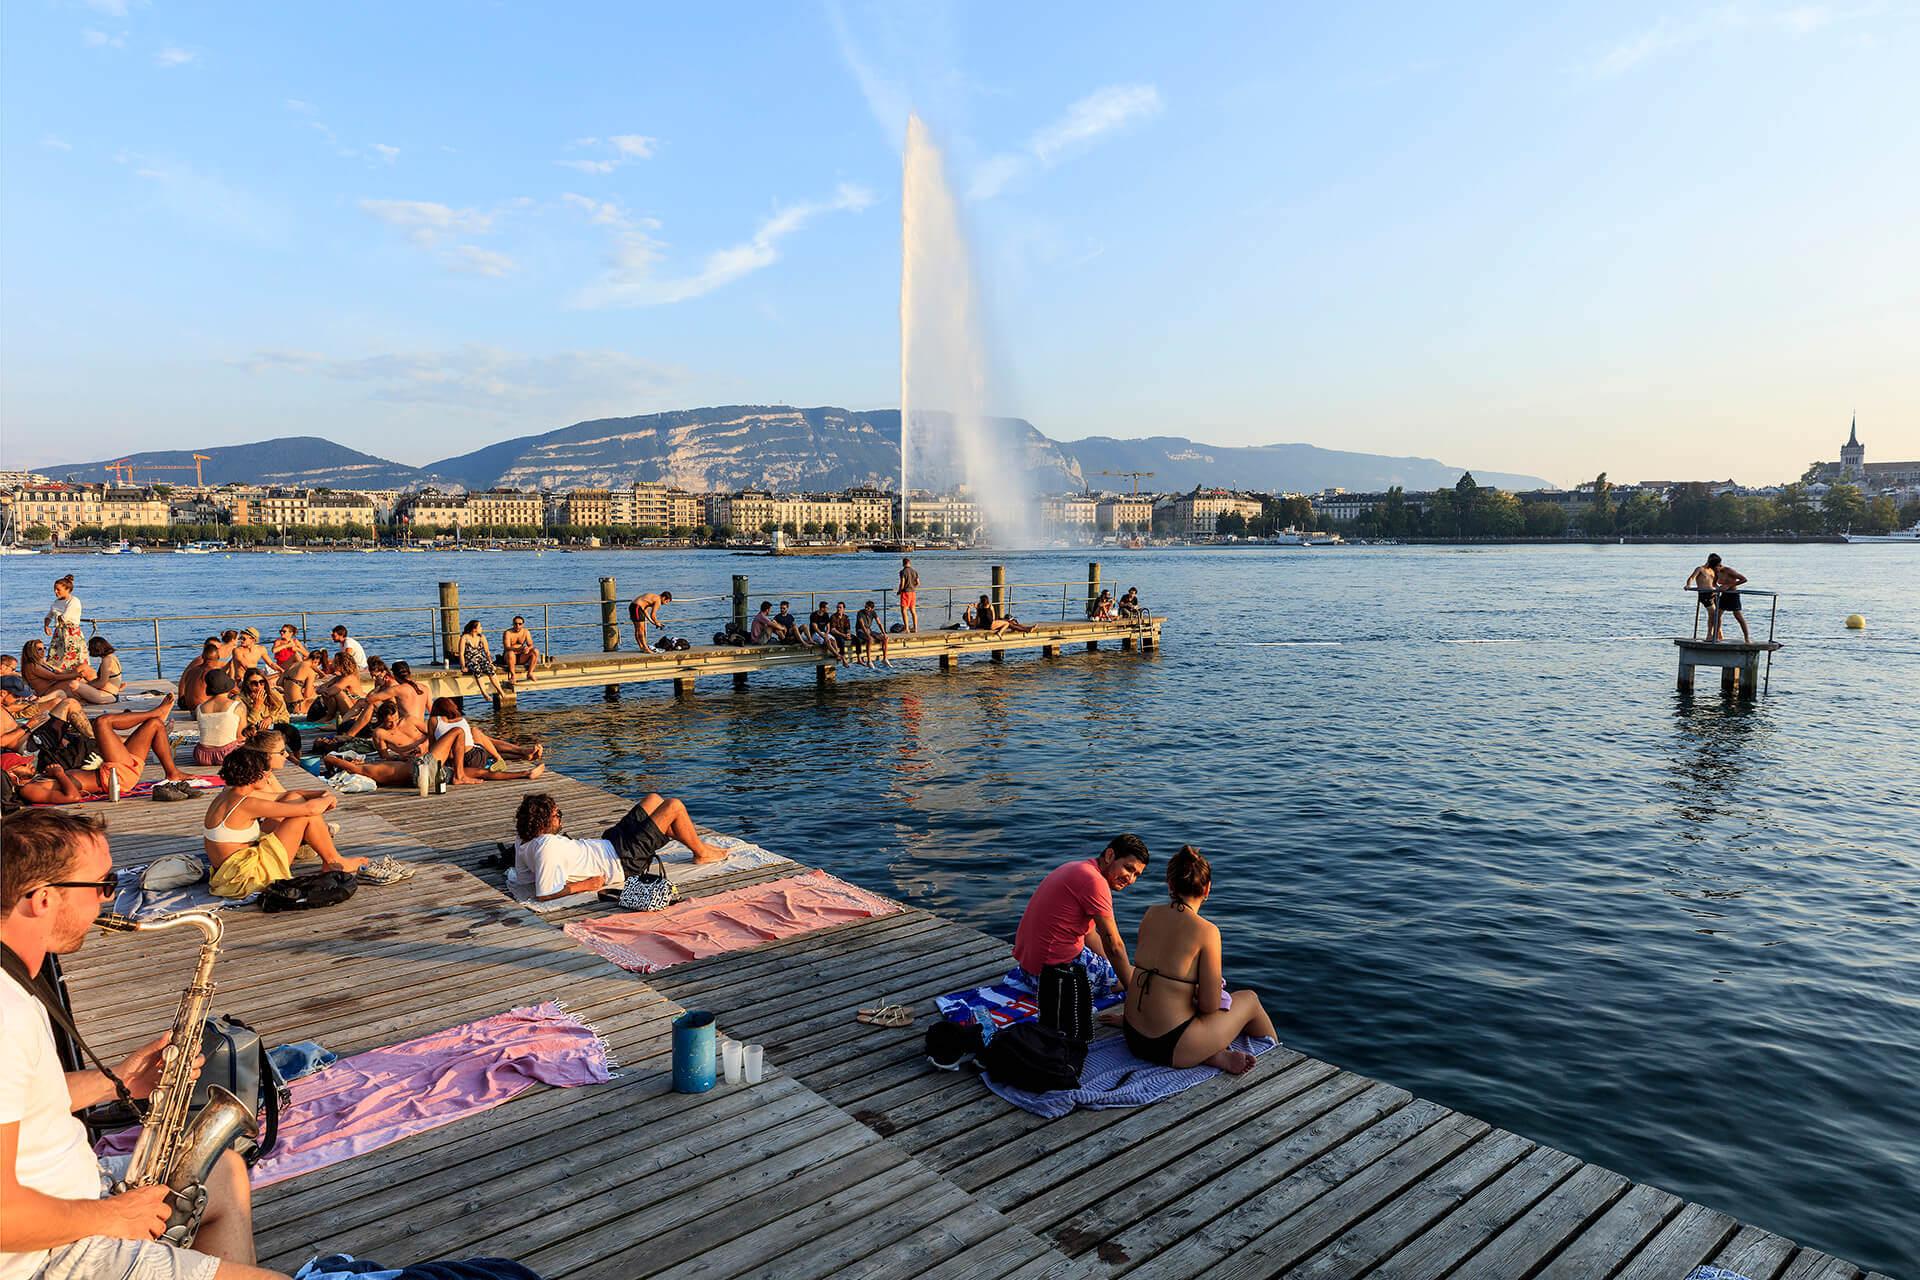 Le fleuve Rhône, Km 236 Canton de Genève, Genève, Les Bains des Paquis